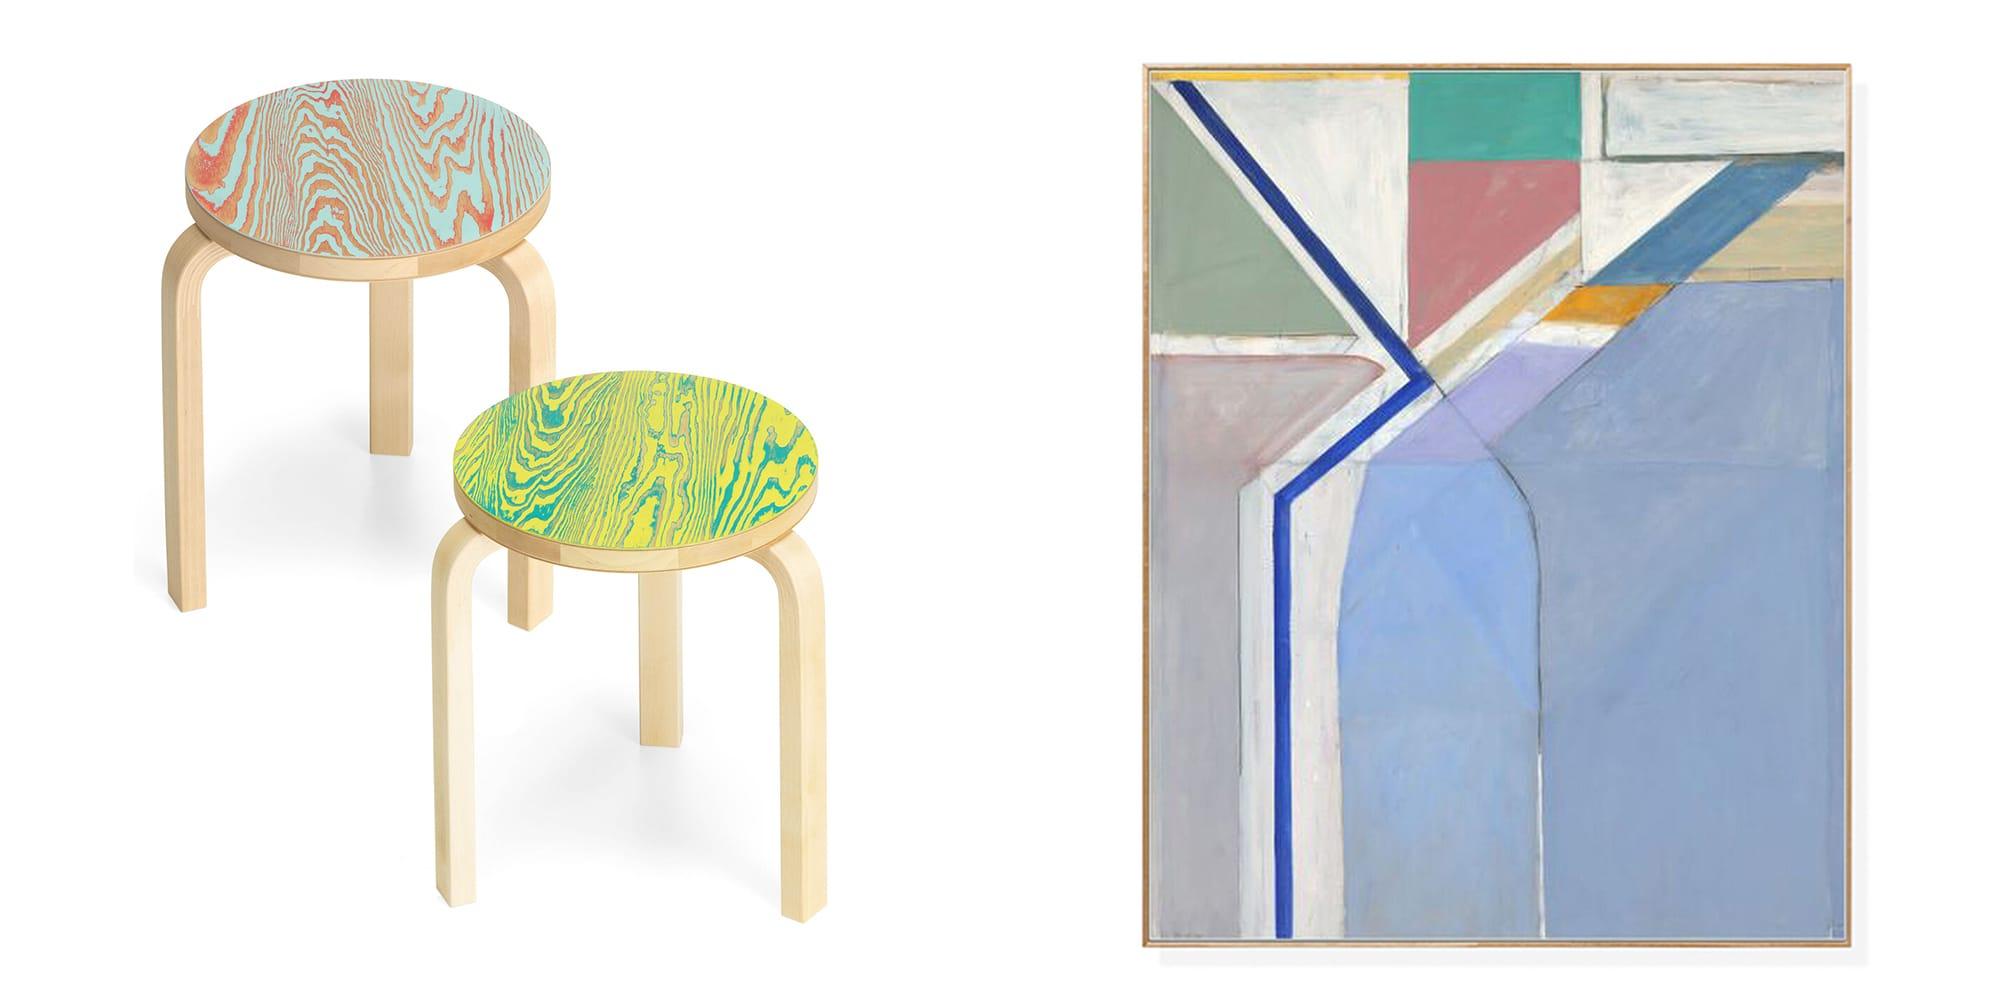 左:アルヴァ・アアルトのデザインが建築家・長坂常の手法で斬新に生まれ変わった「artek スツール カラリン」各48,000円(税別)。レッド/ターコイズとグリーン/イエローの2色あり。 右:MoMAコレクションに収蔵されている作品の複製画「ディーベンコーン:Ocean Park No.24 フレーム付ポスター」32,000円(税別)。